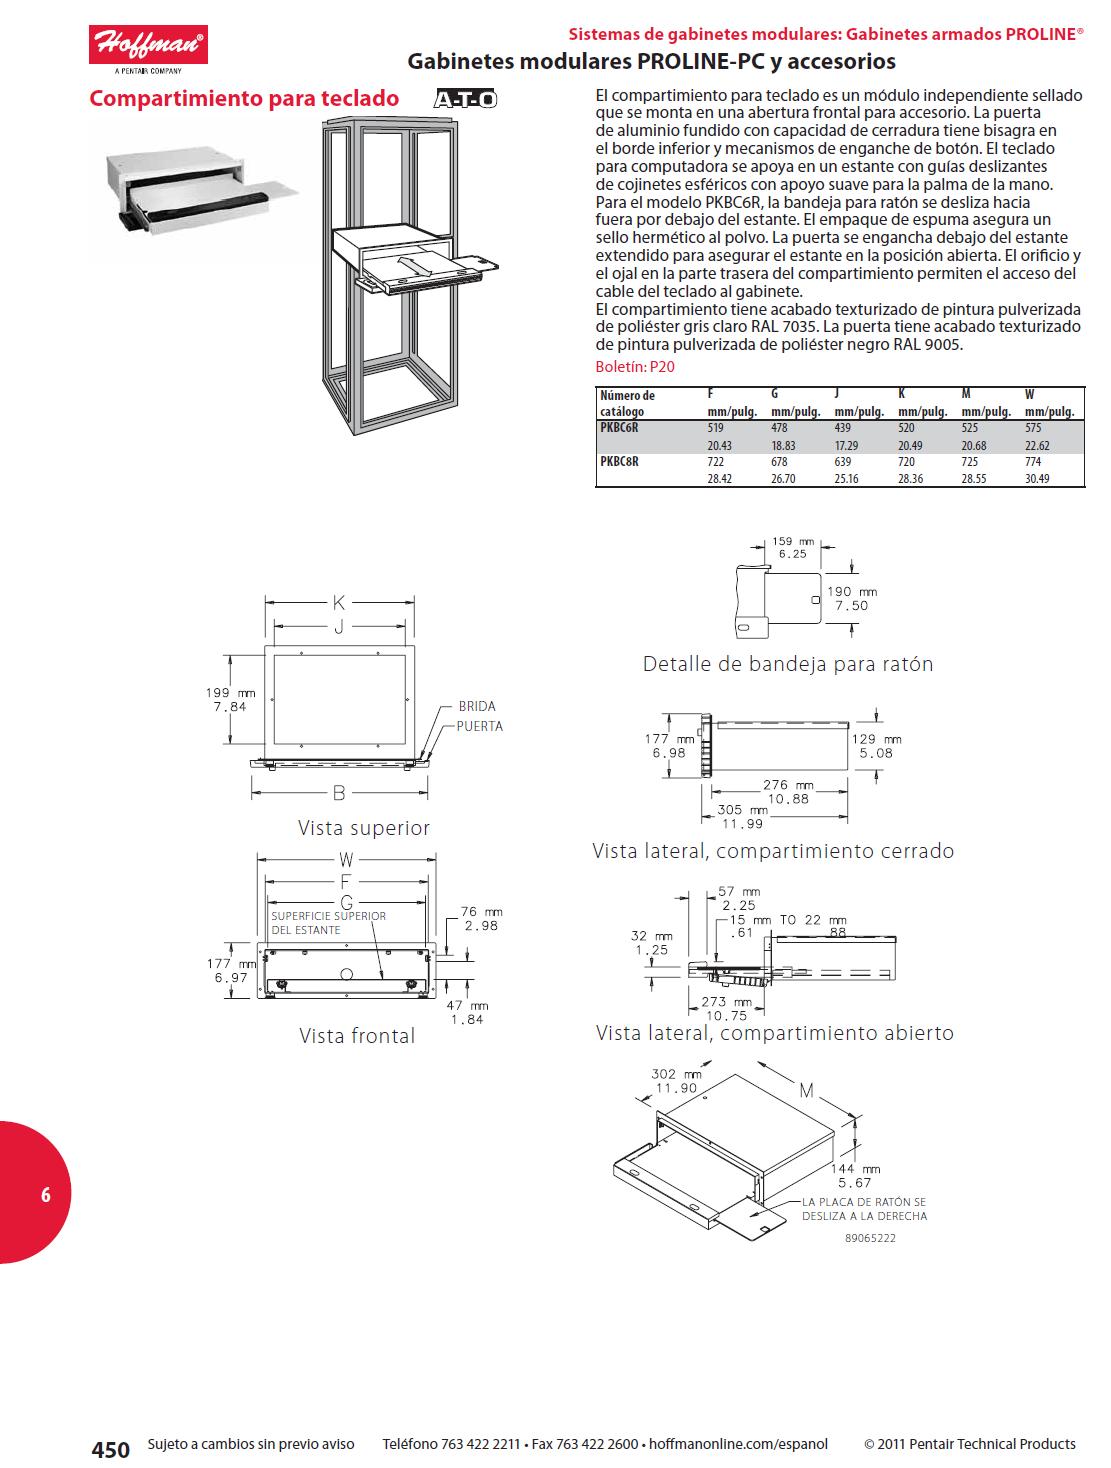 Estante del congelador de la puerta inferior del compartimiento